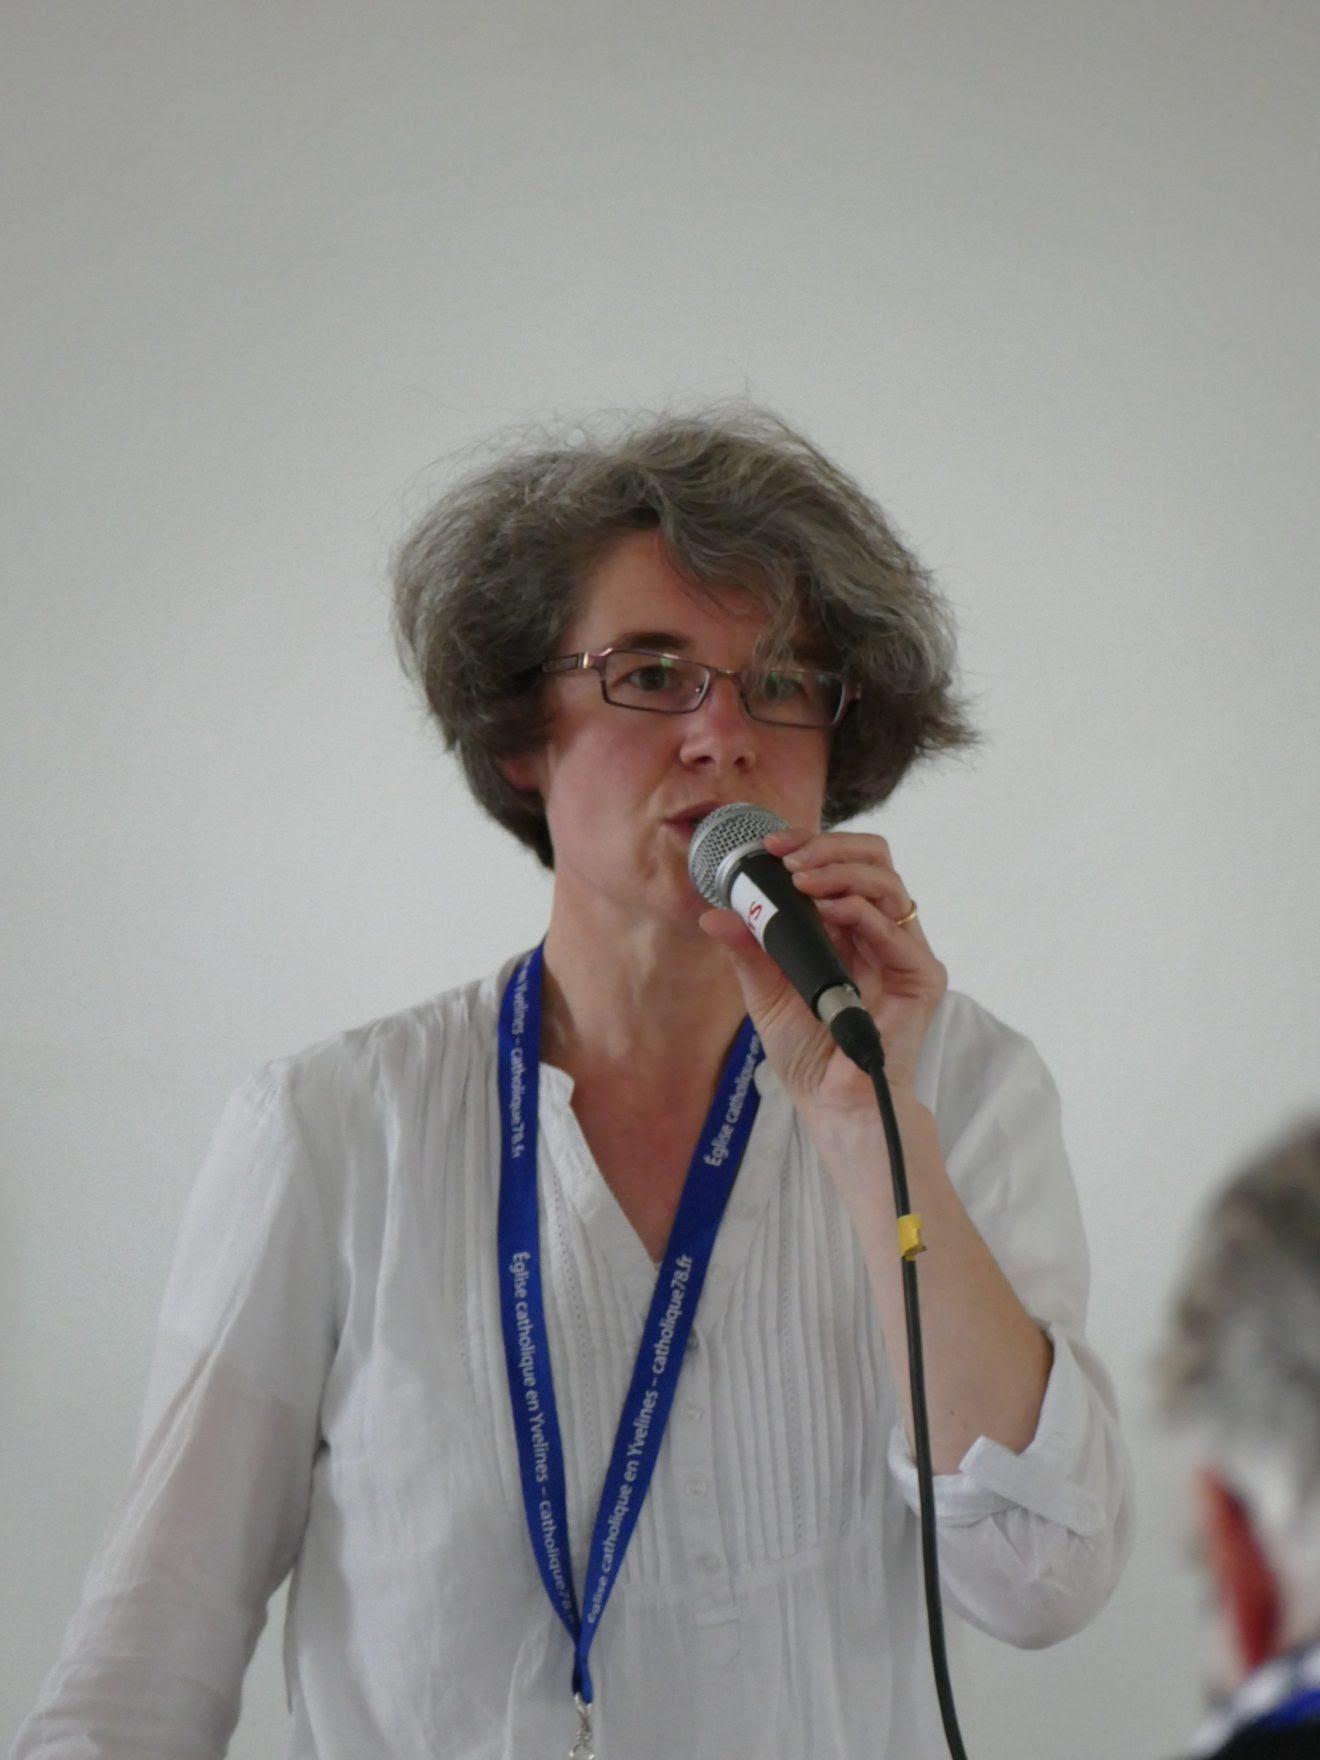 Sœur Nathalie Becquart nommée sous-secrétaire du Synode des évêques